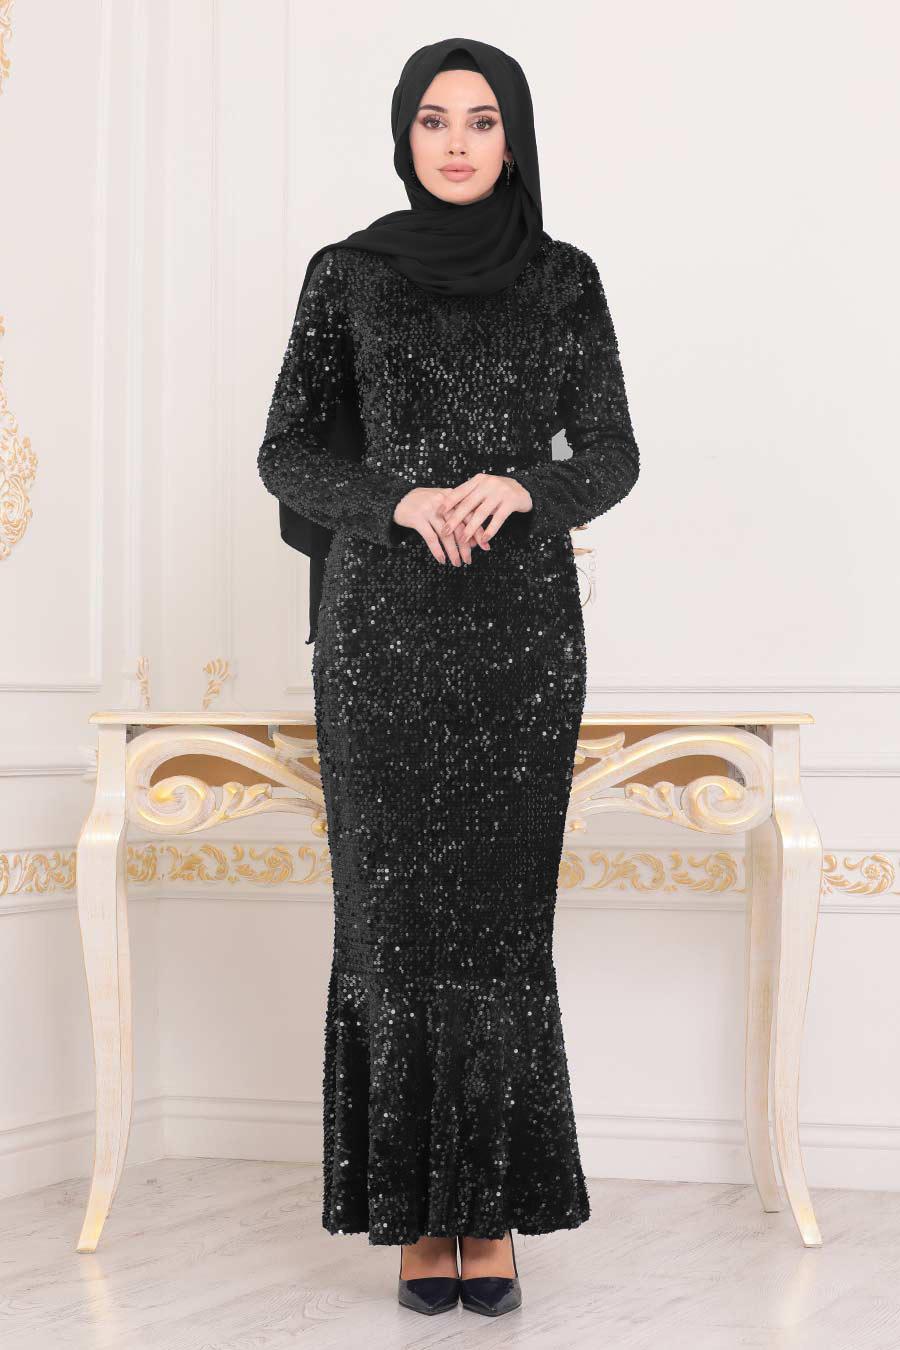 Tesettürlü Abiye Elbise - Balık Model Siyah Tesettür Abiye Elbise 8742S